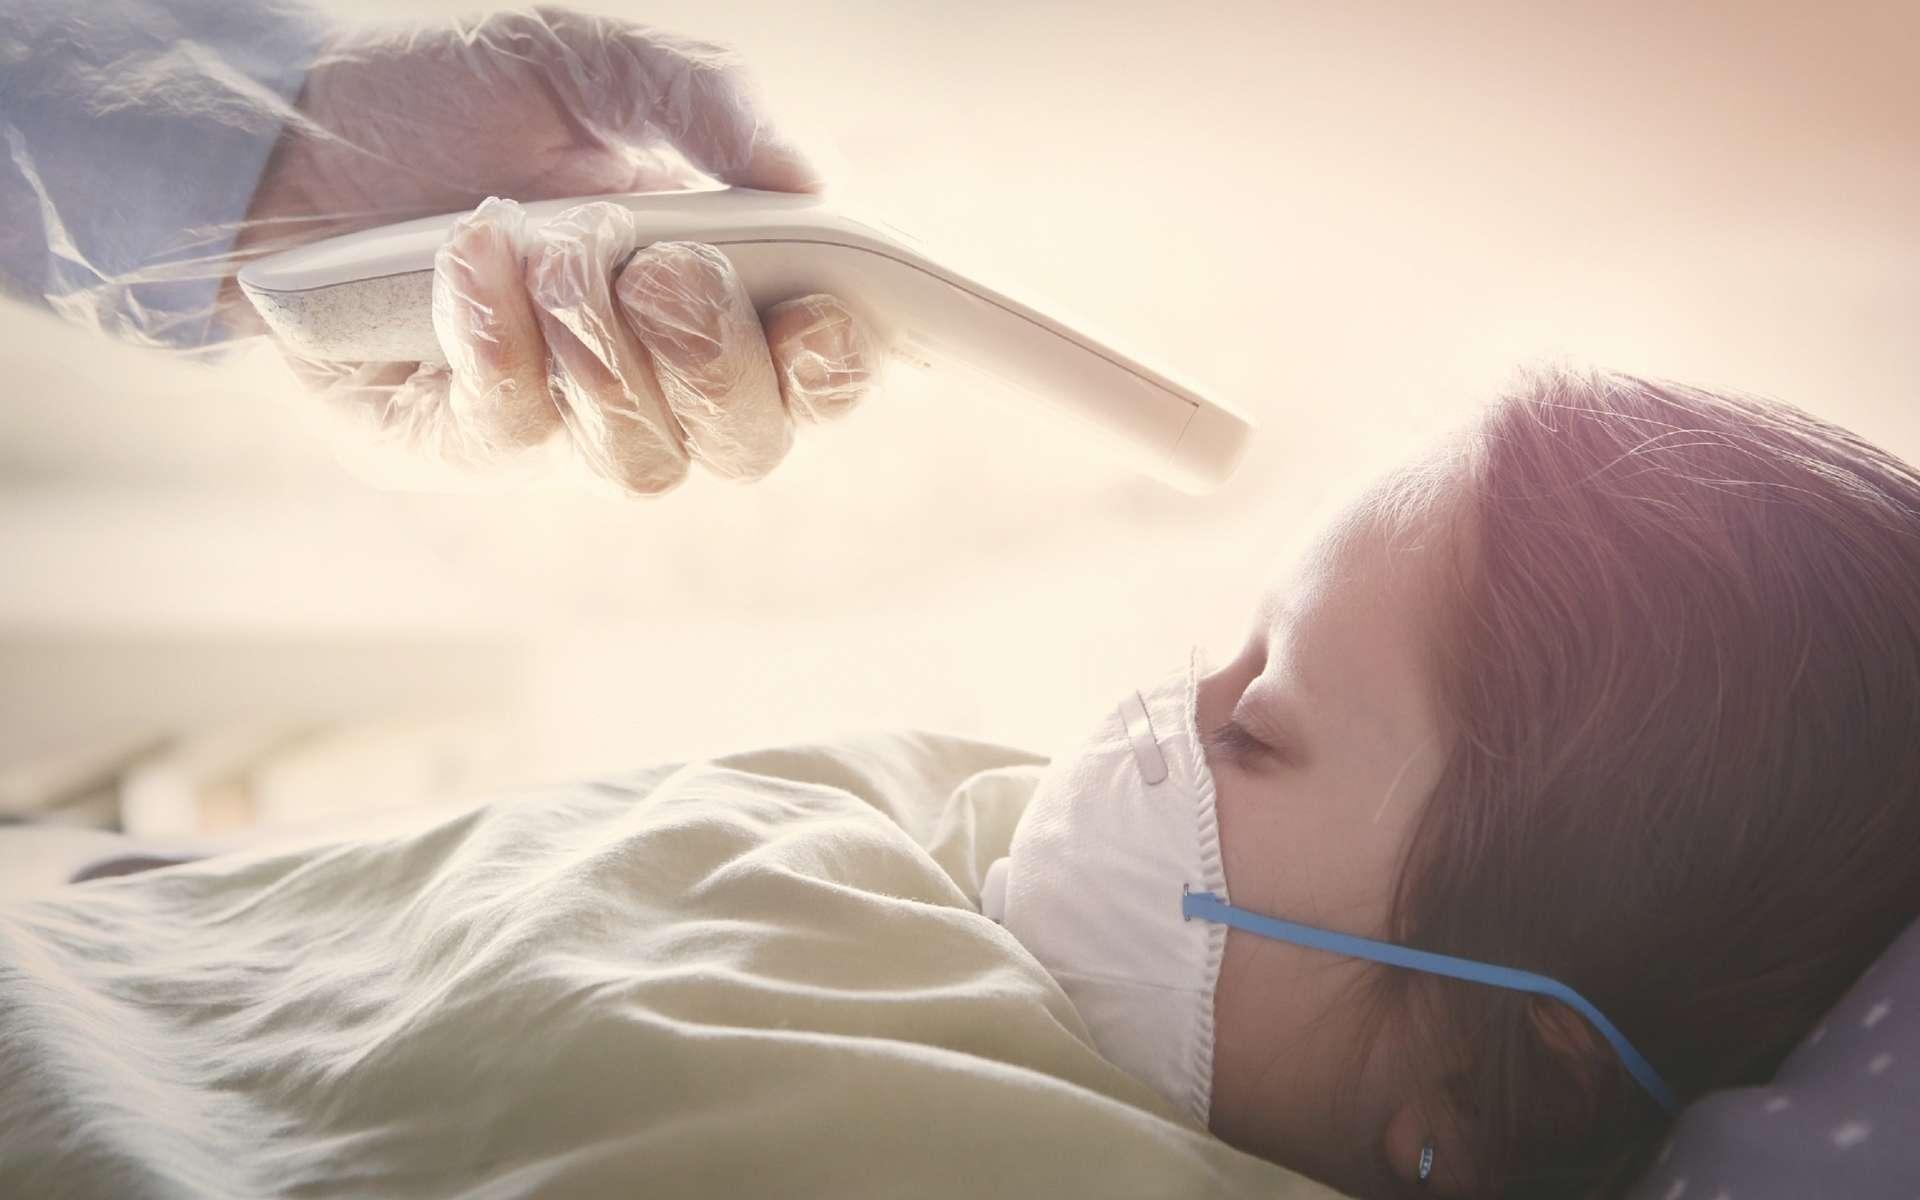 Les personnes atteintes de maladies chroniques sont plus susceptibles de connaître des complications suite à une infection par le Covid-19. © Narvikk, Istock.com